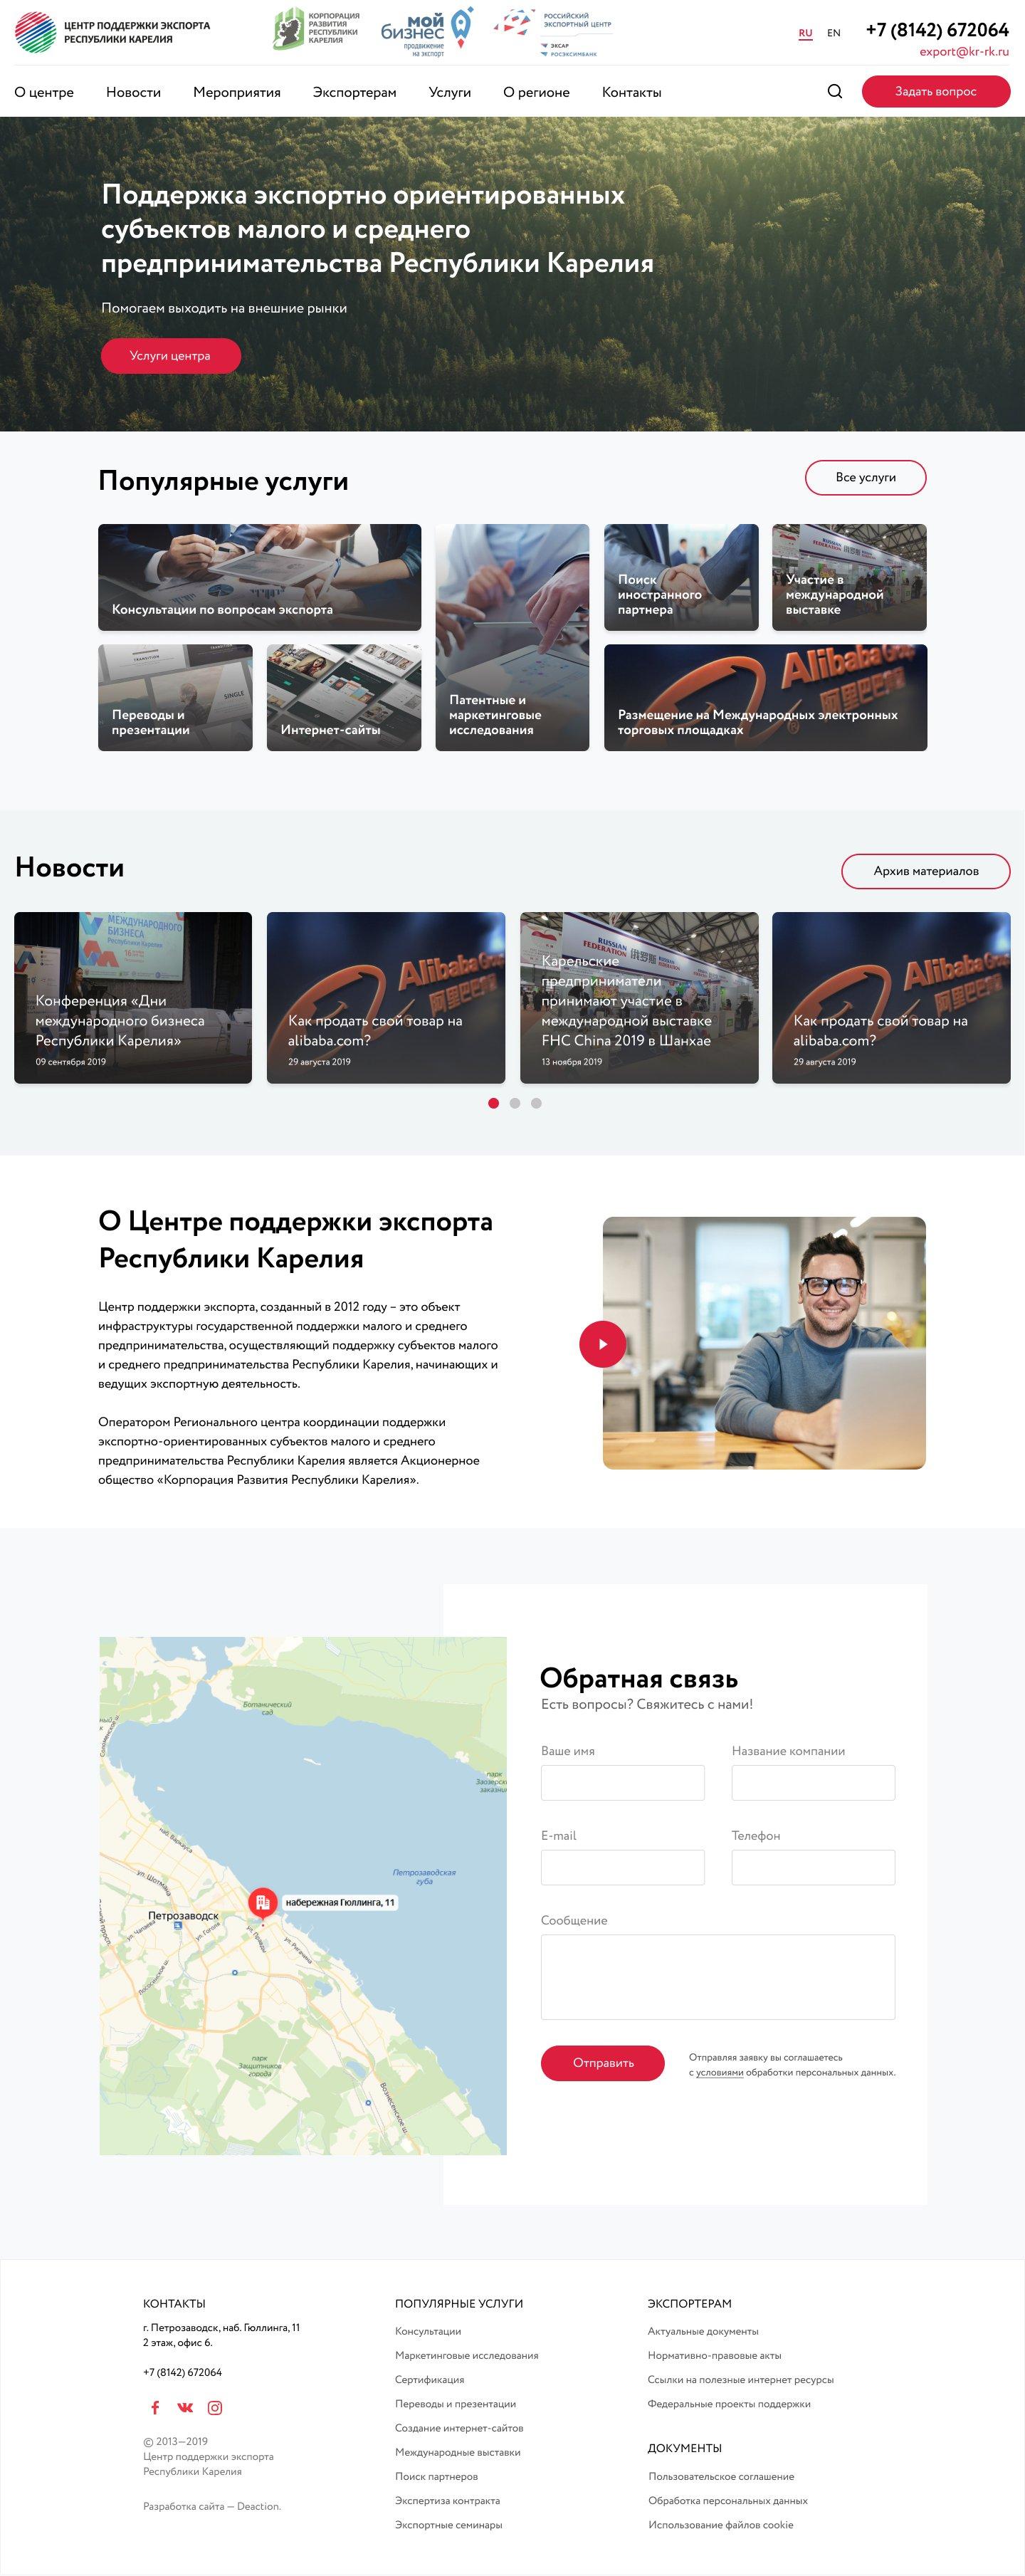 Центр Поддержки Экспорта Республики Карелия создание сайта